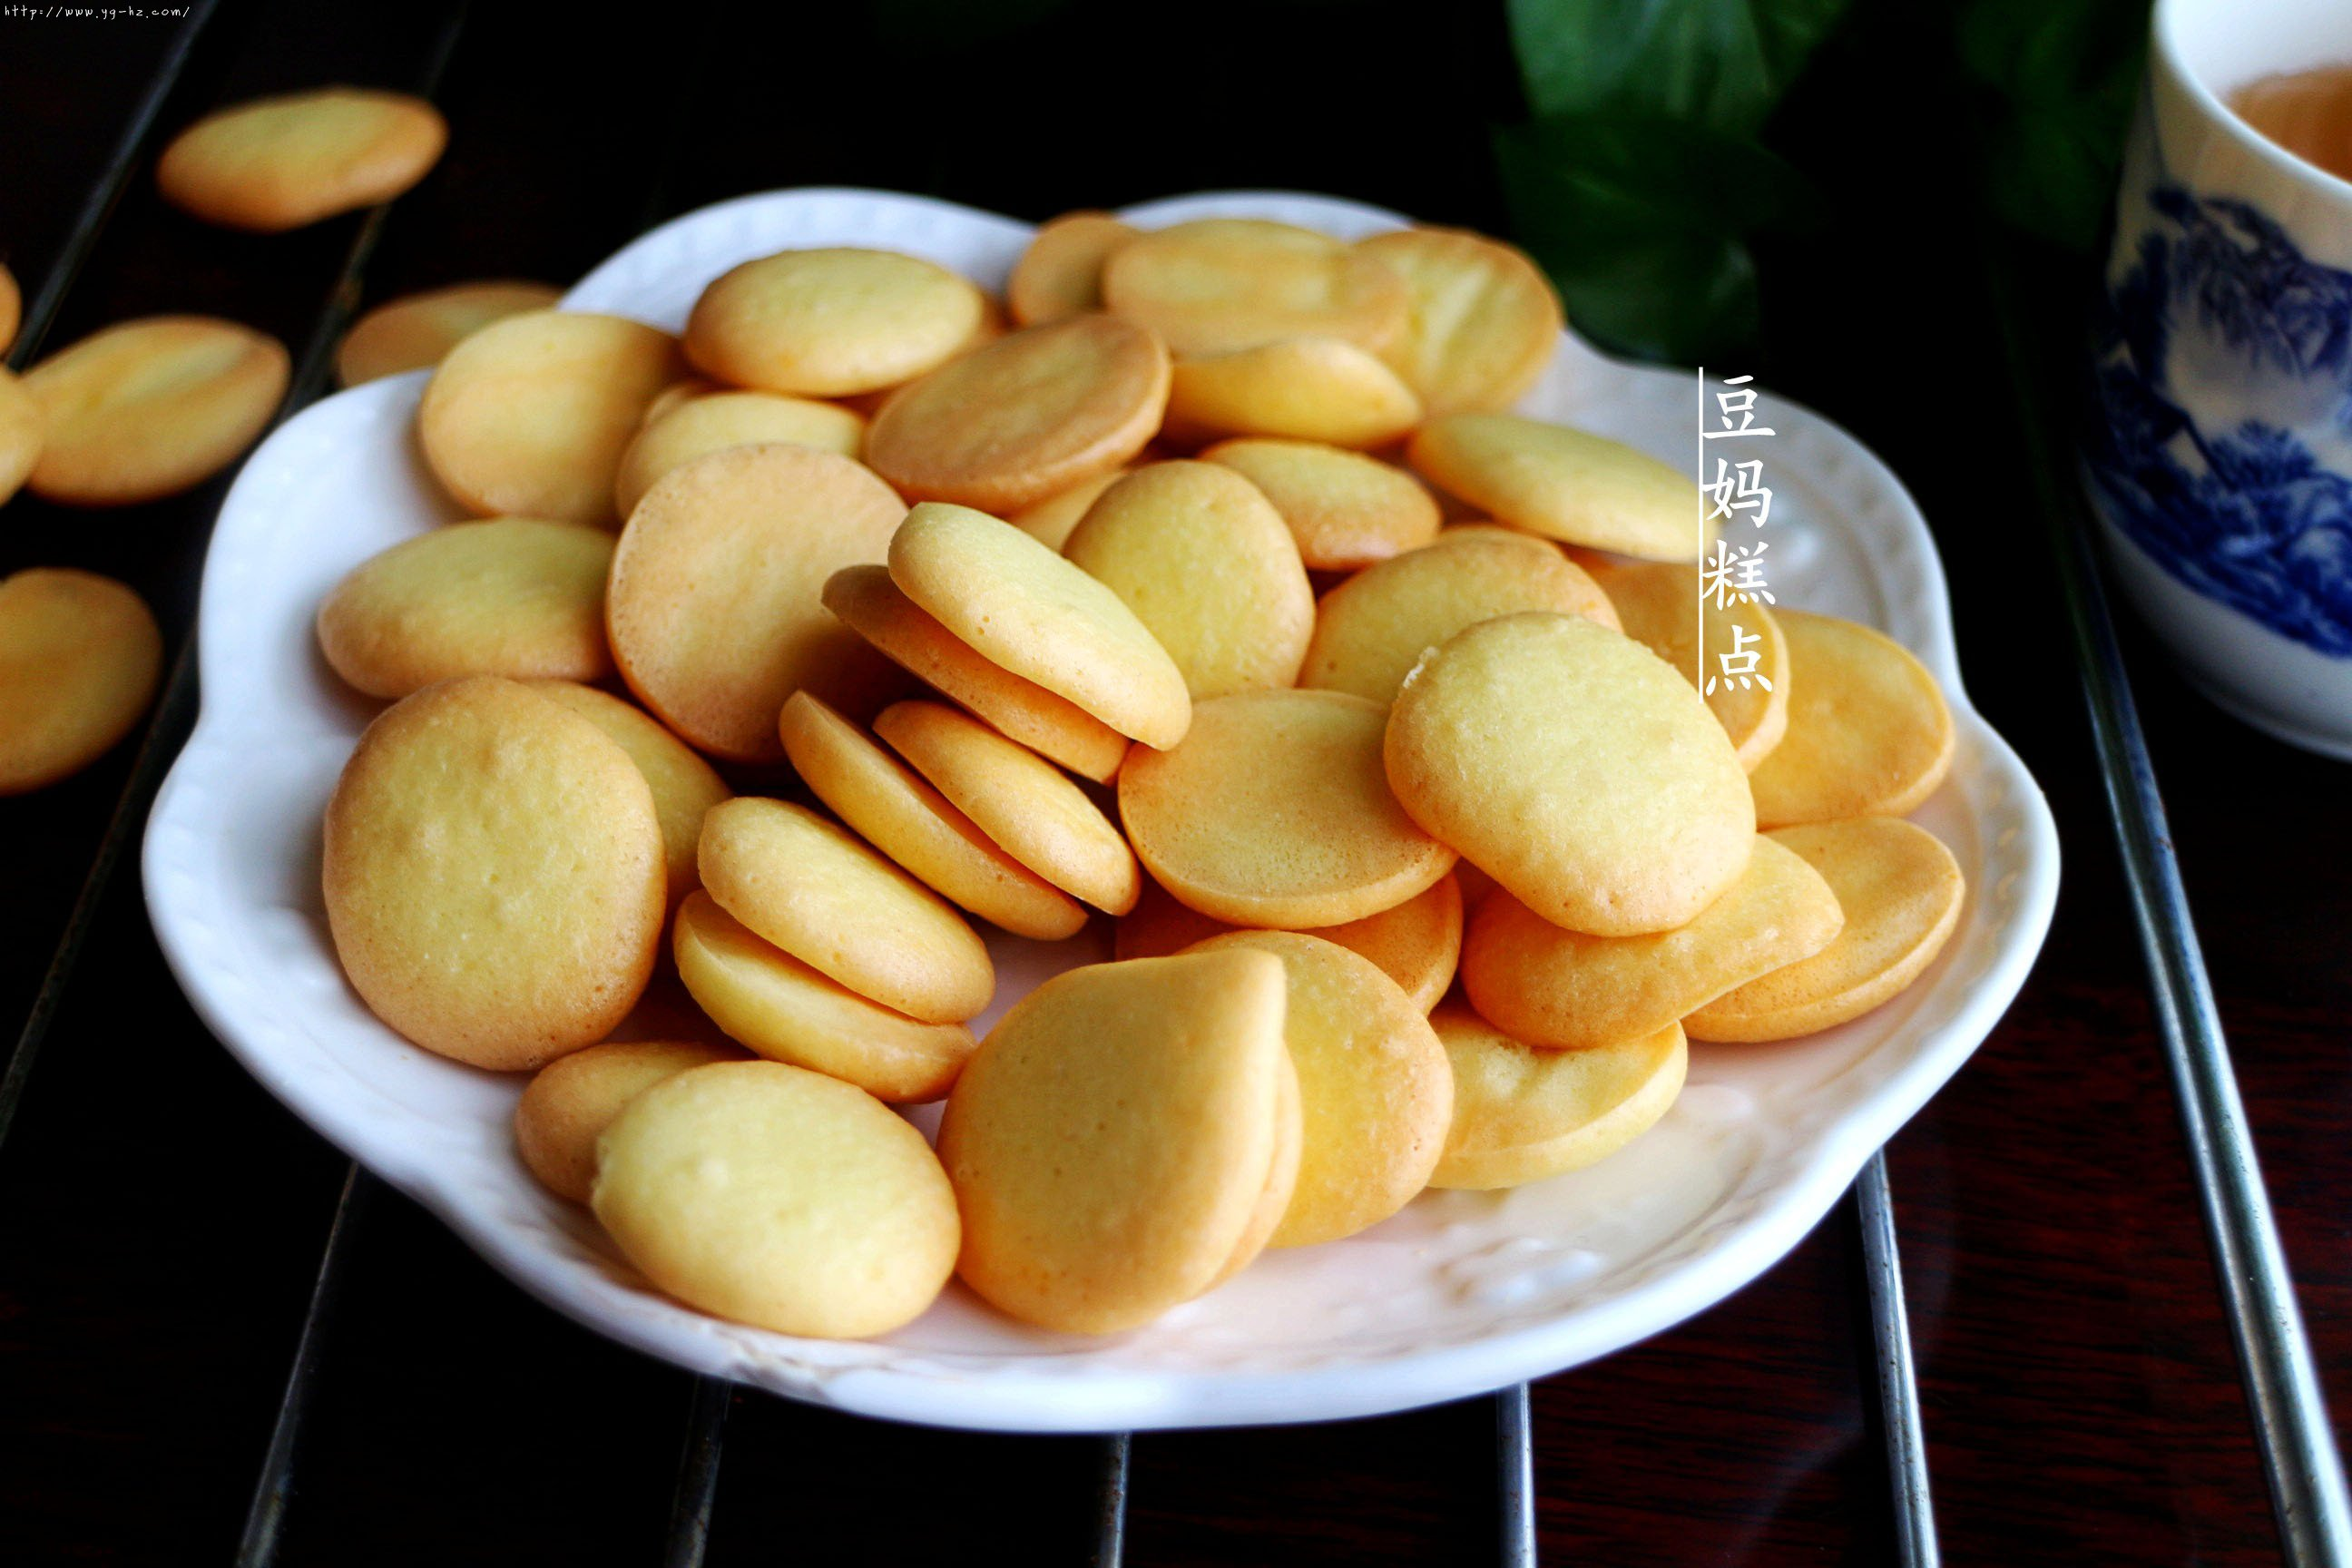 鸡蛋小饼干,又香又酥,比买的还好吃的做法